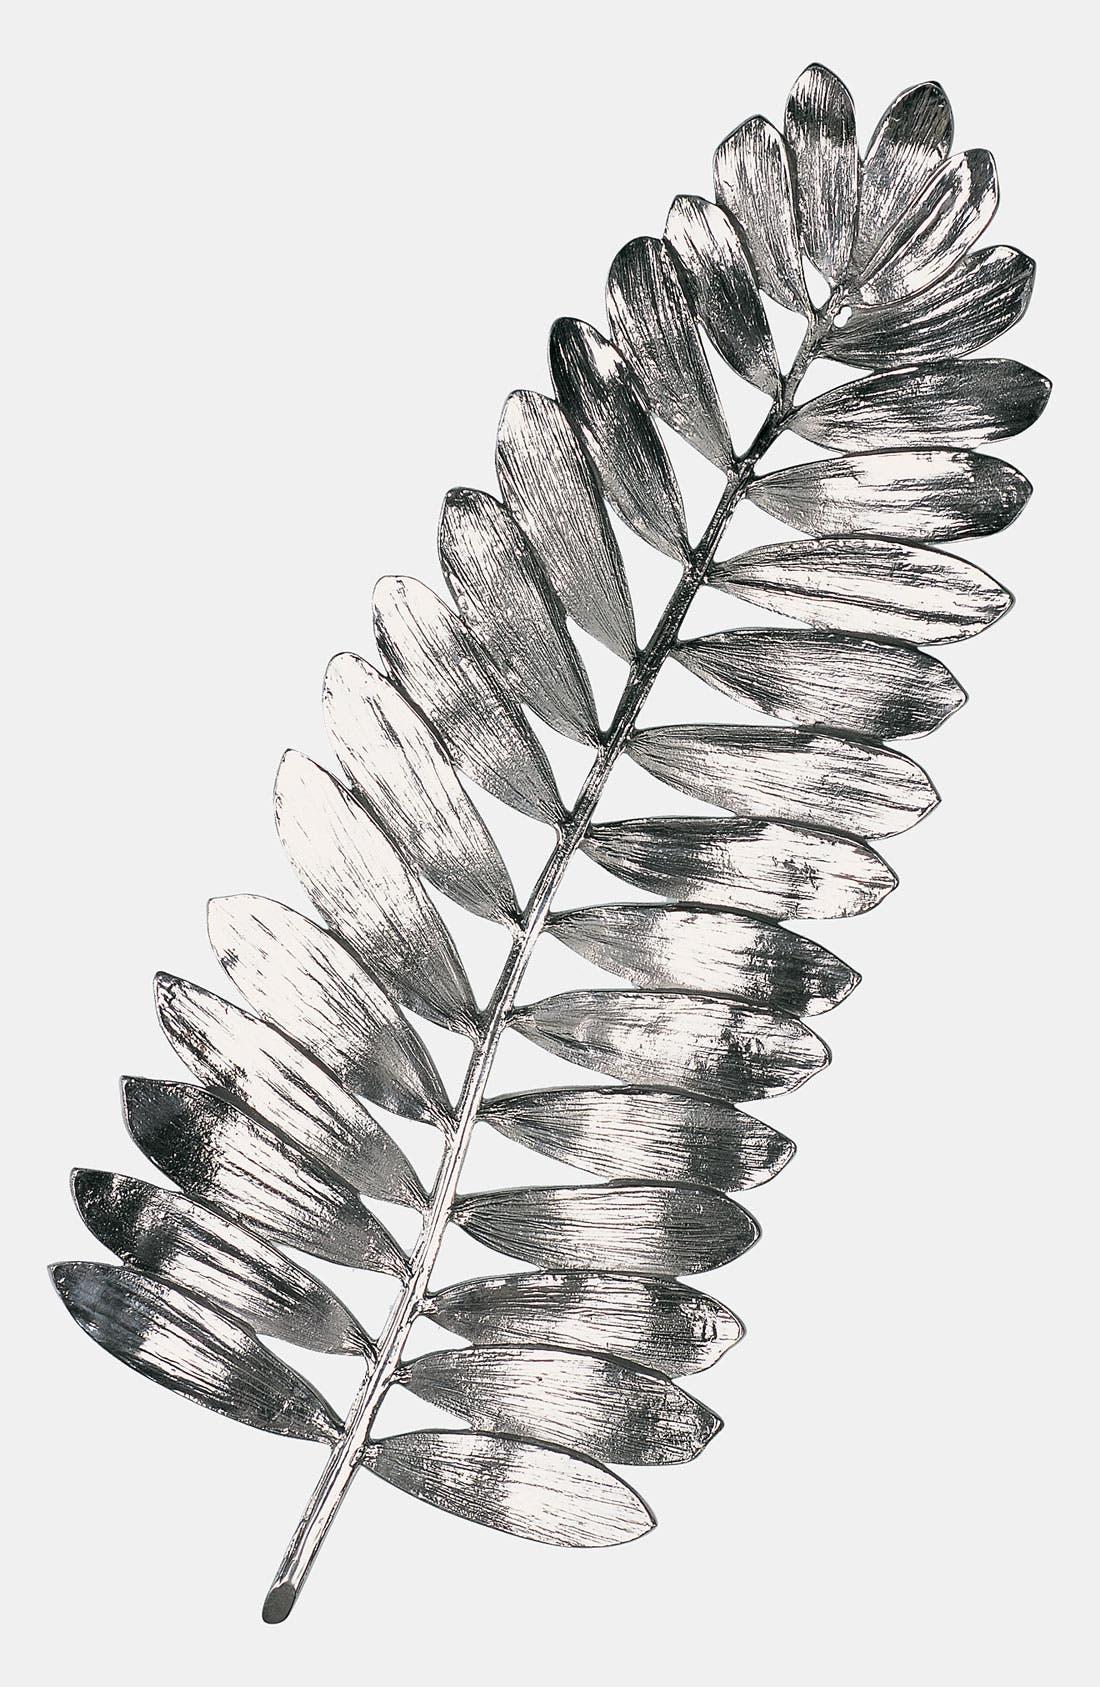 Alternate Image 1 Selected - Michael Aram 'Forest Leaf' Sculpture